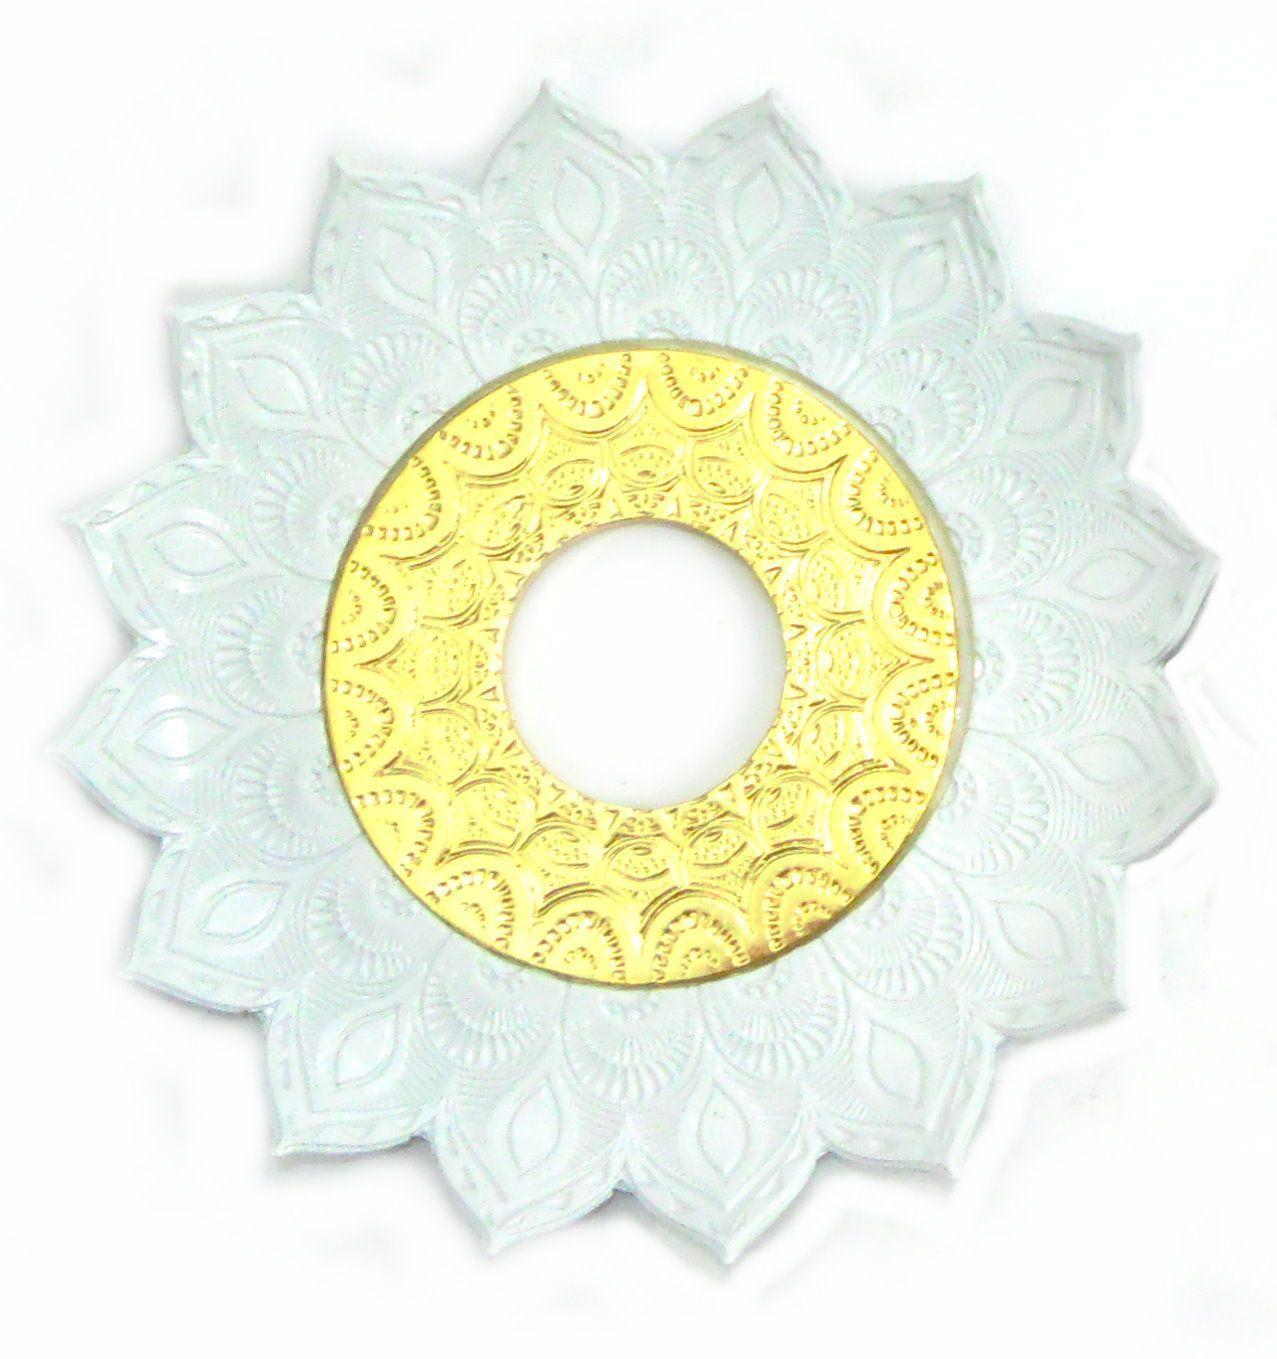 Prato para narguile mod. Artemis 17cm diâm. Em liga metálica inox e decorado. BRANCO centro Dourado